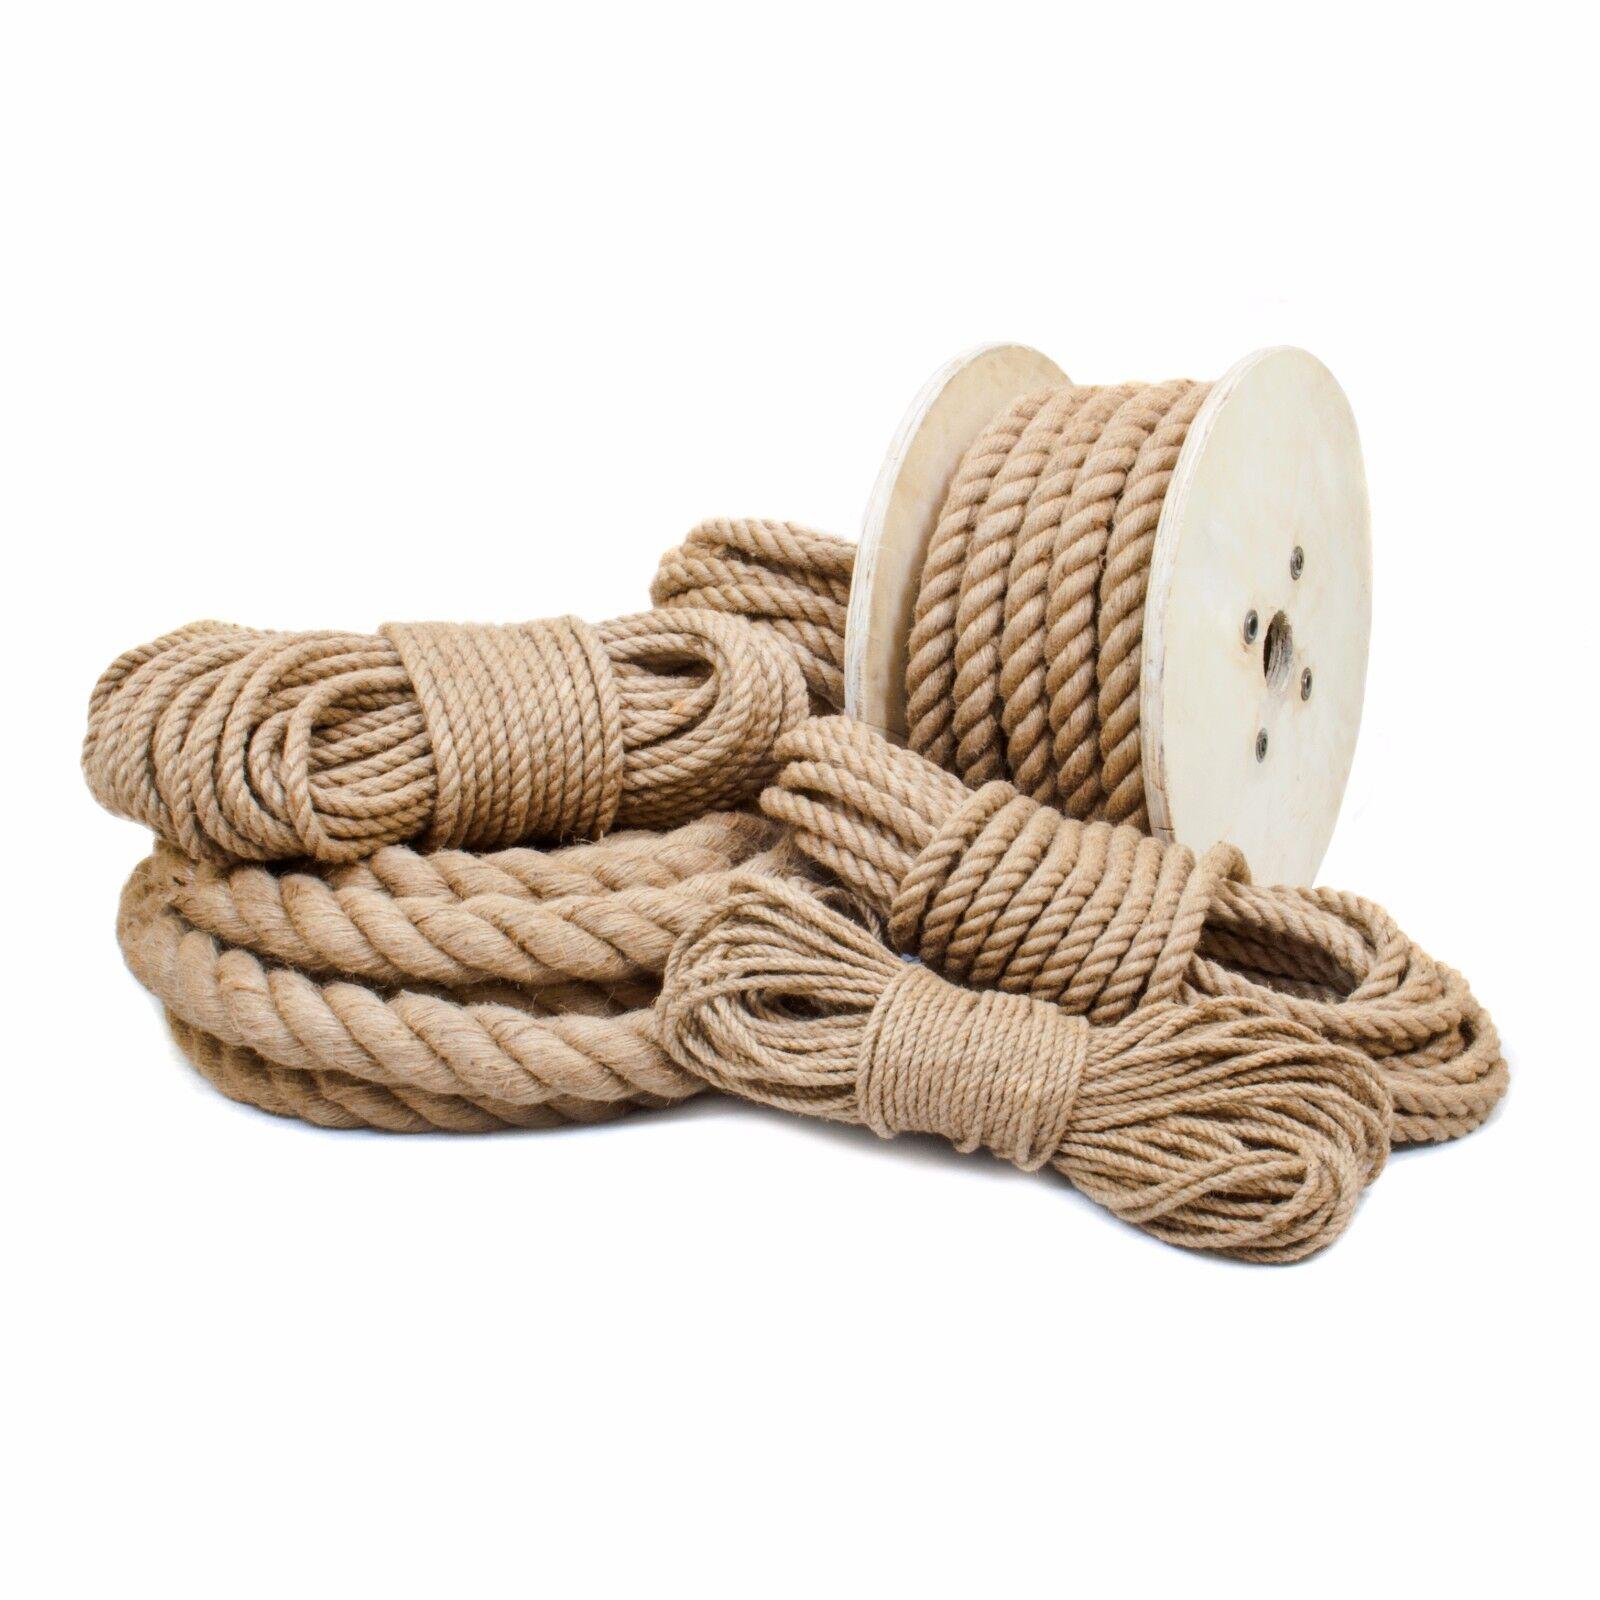 JUTESEIL 60mm Seil Hanfseil Tauwerk Hanf Naturhanf Jute Gedreht Leine Tauziehen